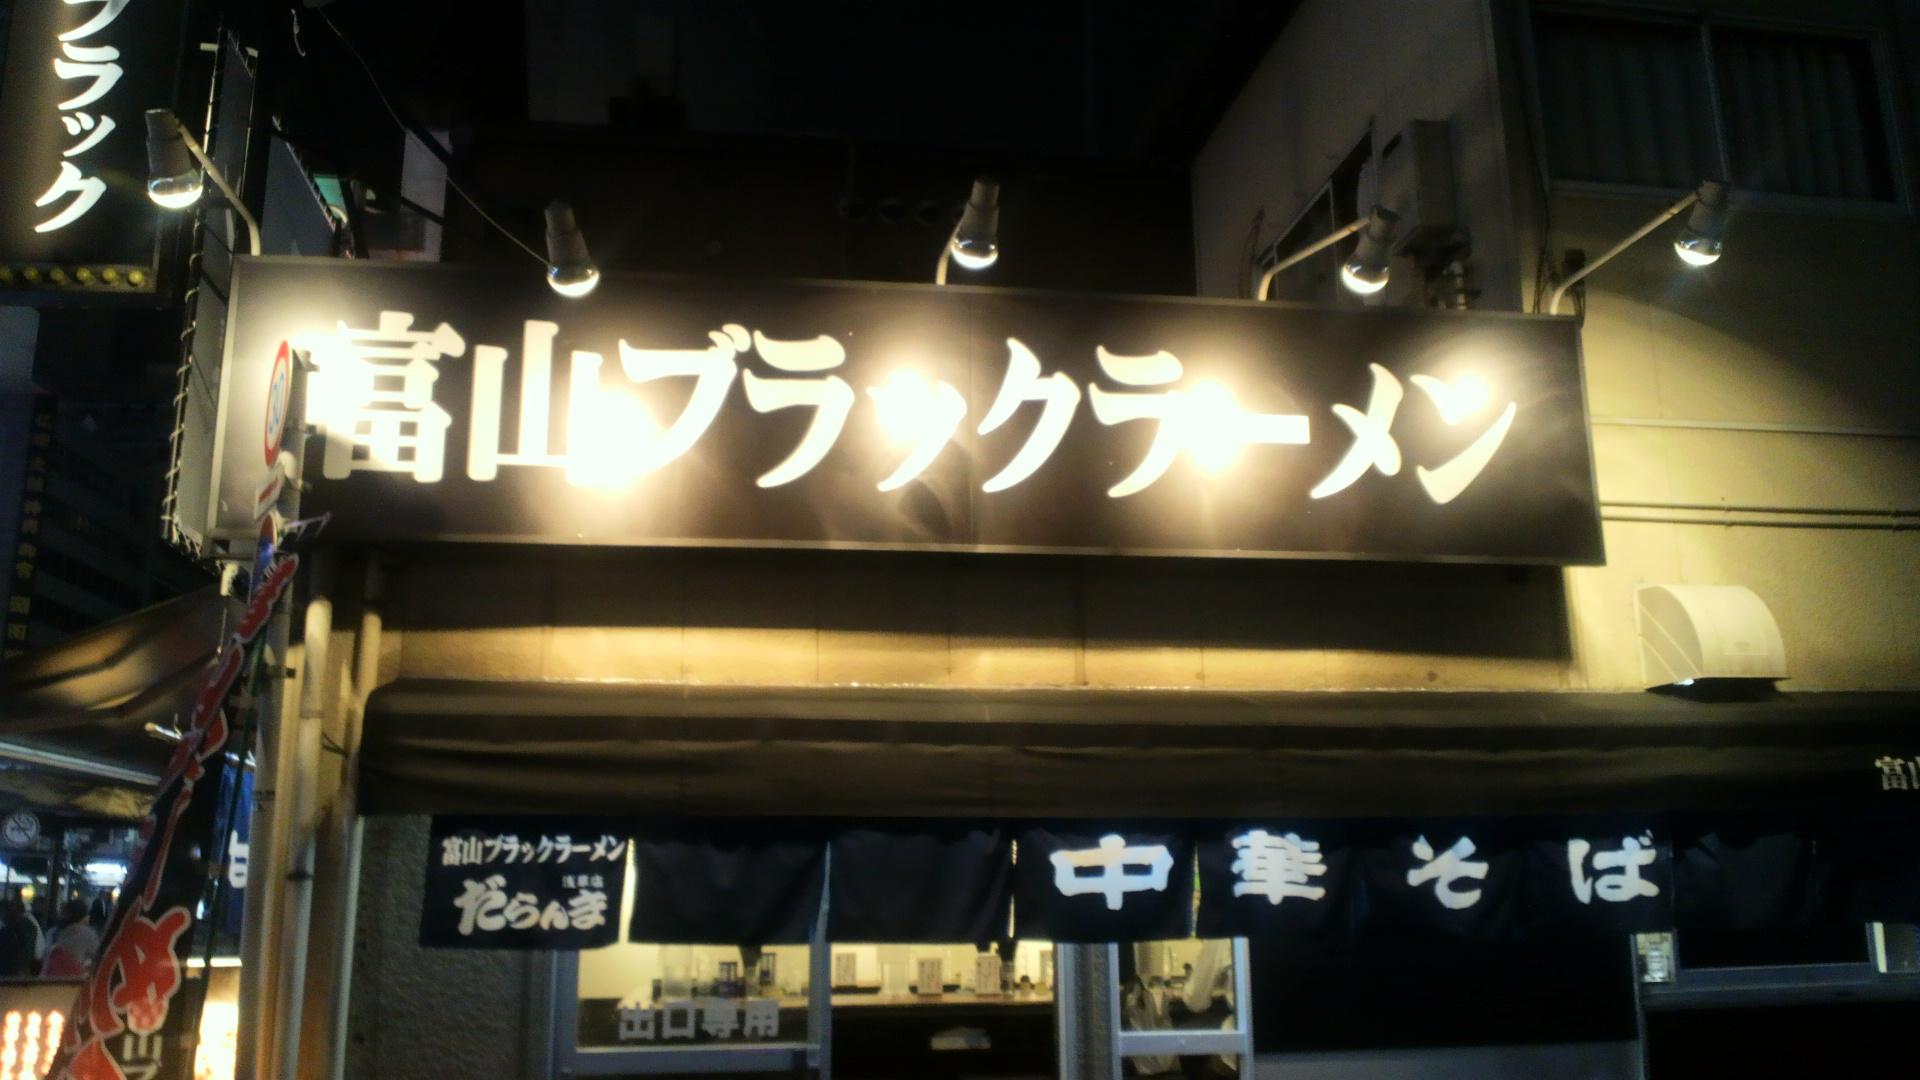 東京のエネルギーについて語りました・・・・